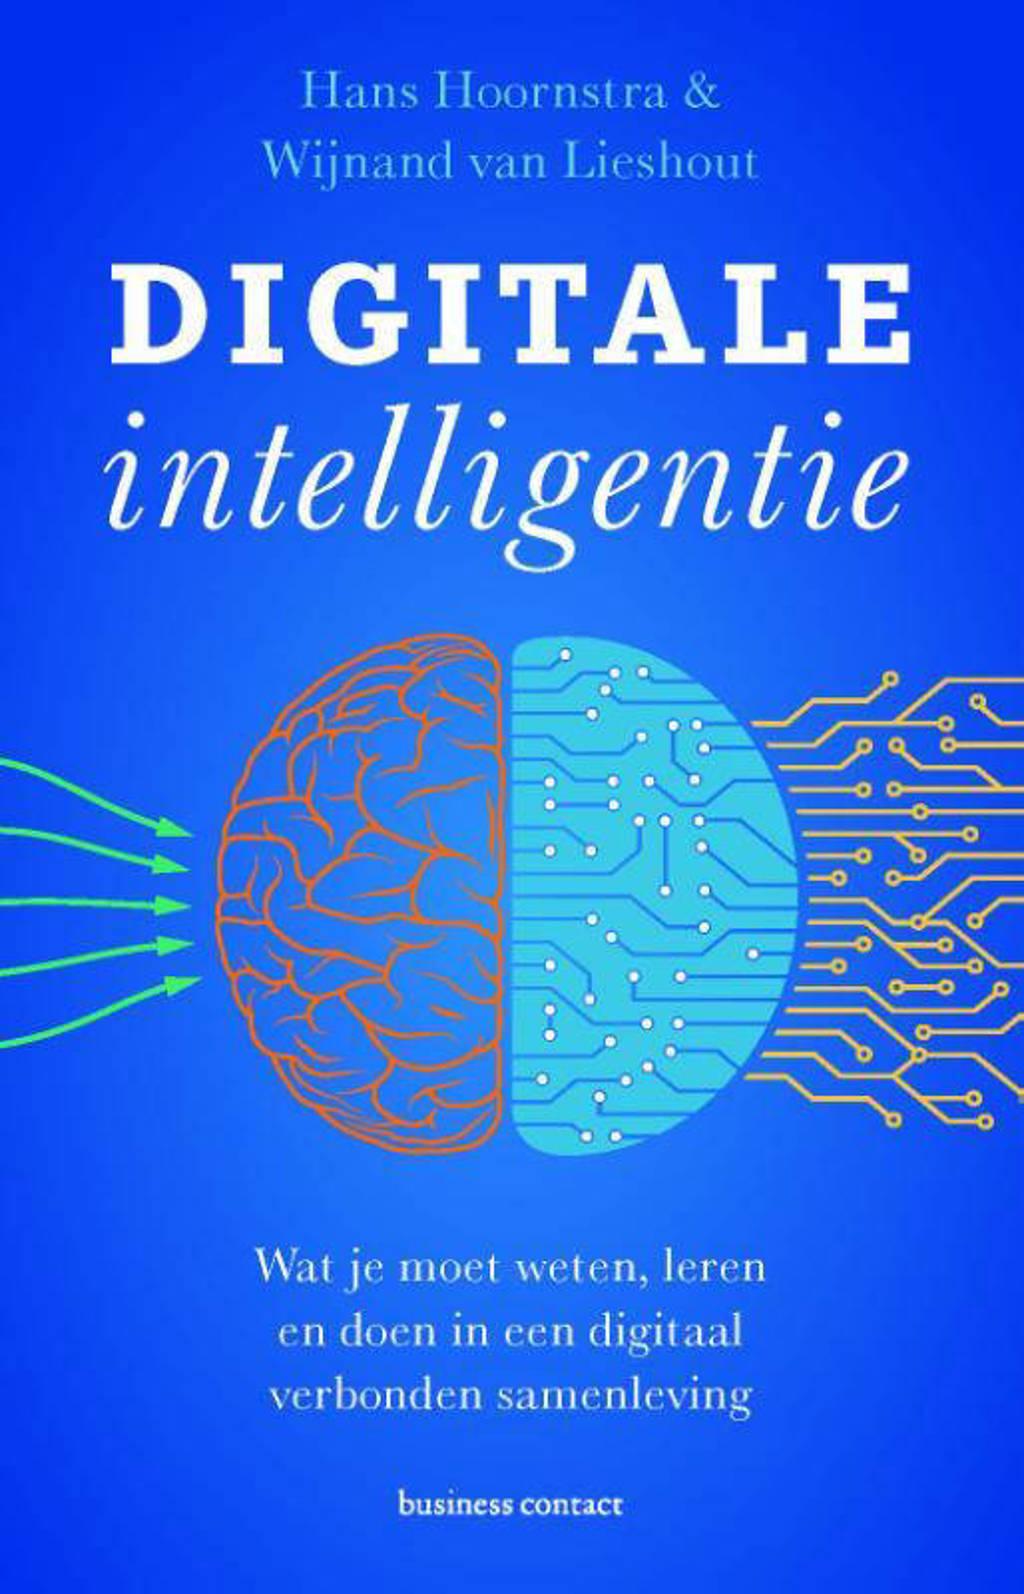 Digitale intelligentie - Hans Hoornstra en Wijnand van Lieshout